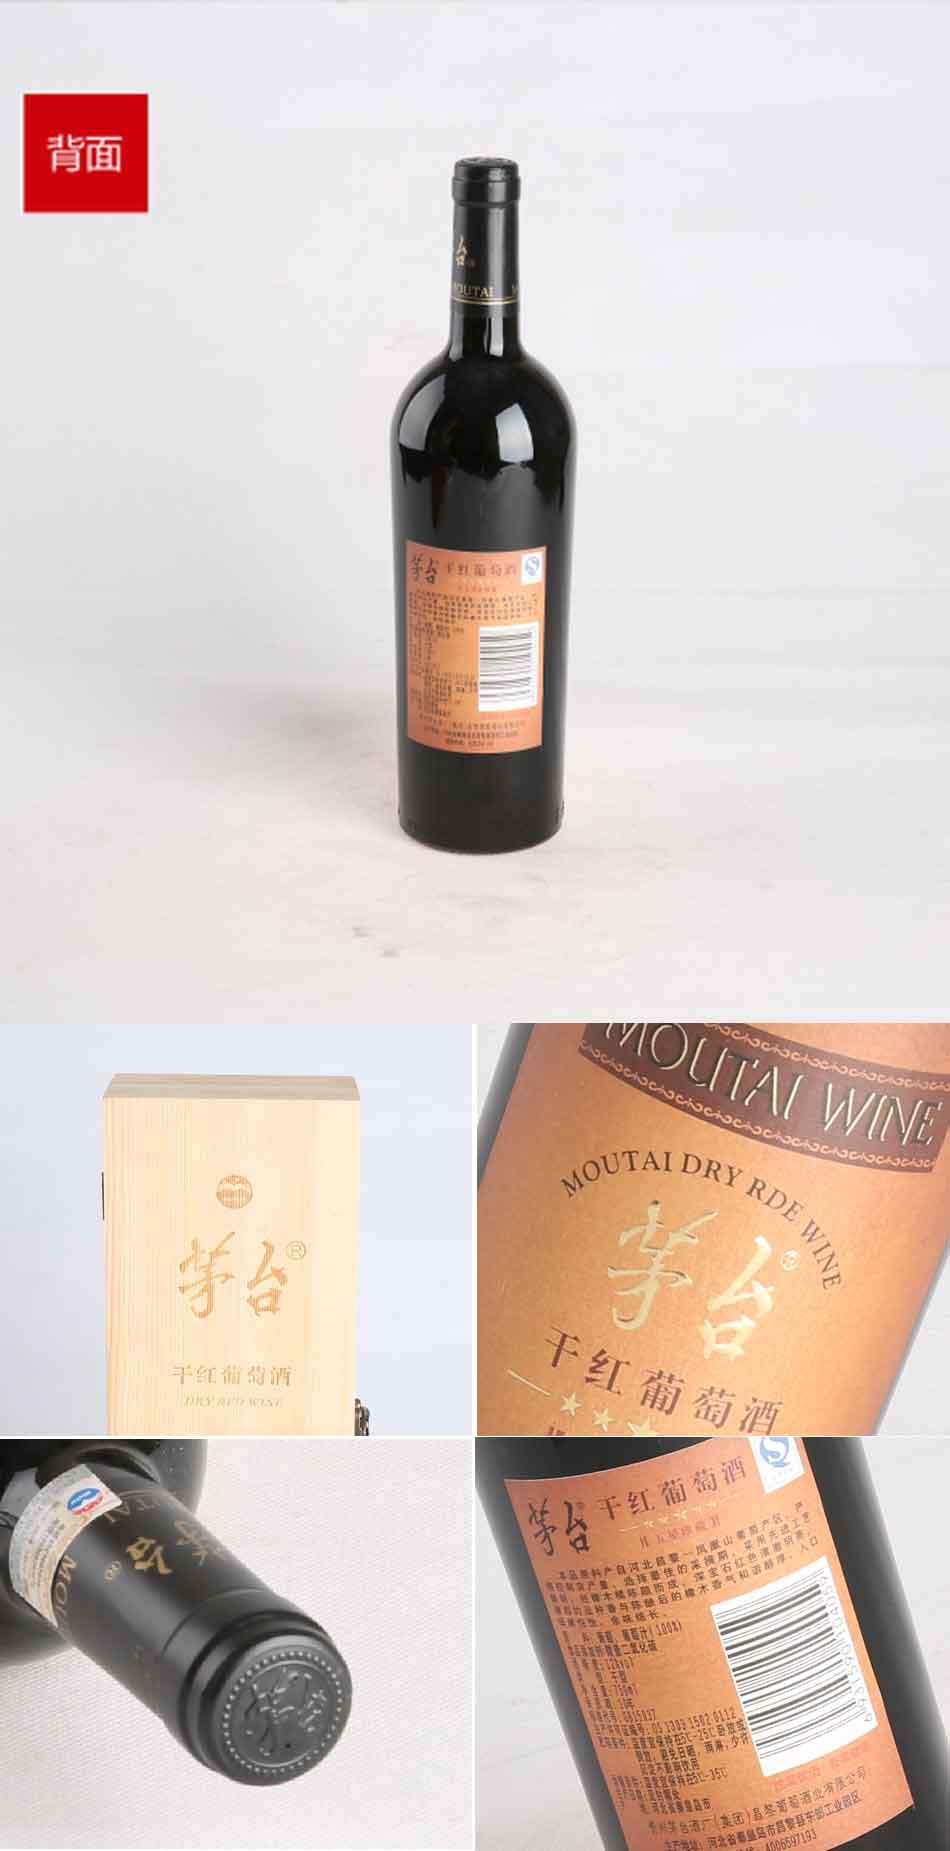 茅台干红葡萄酒五星珍藏(礼盒)750ml